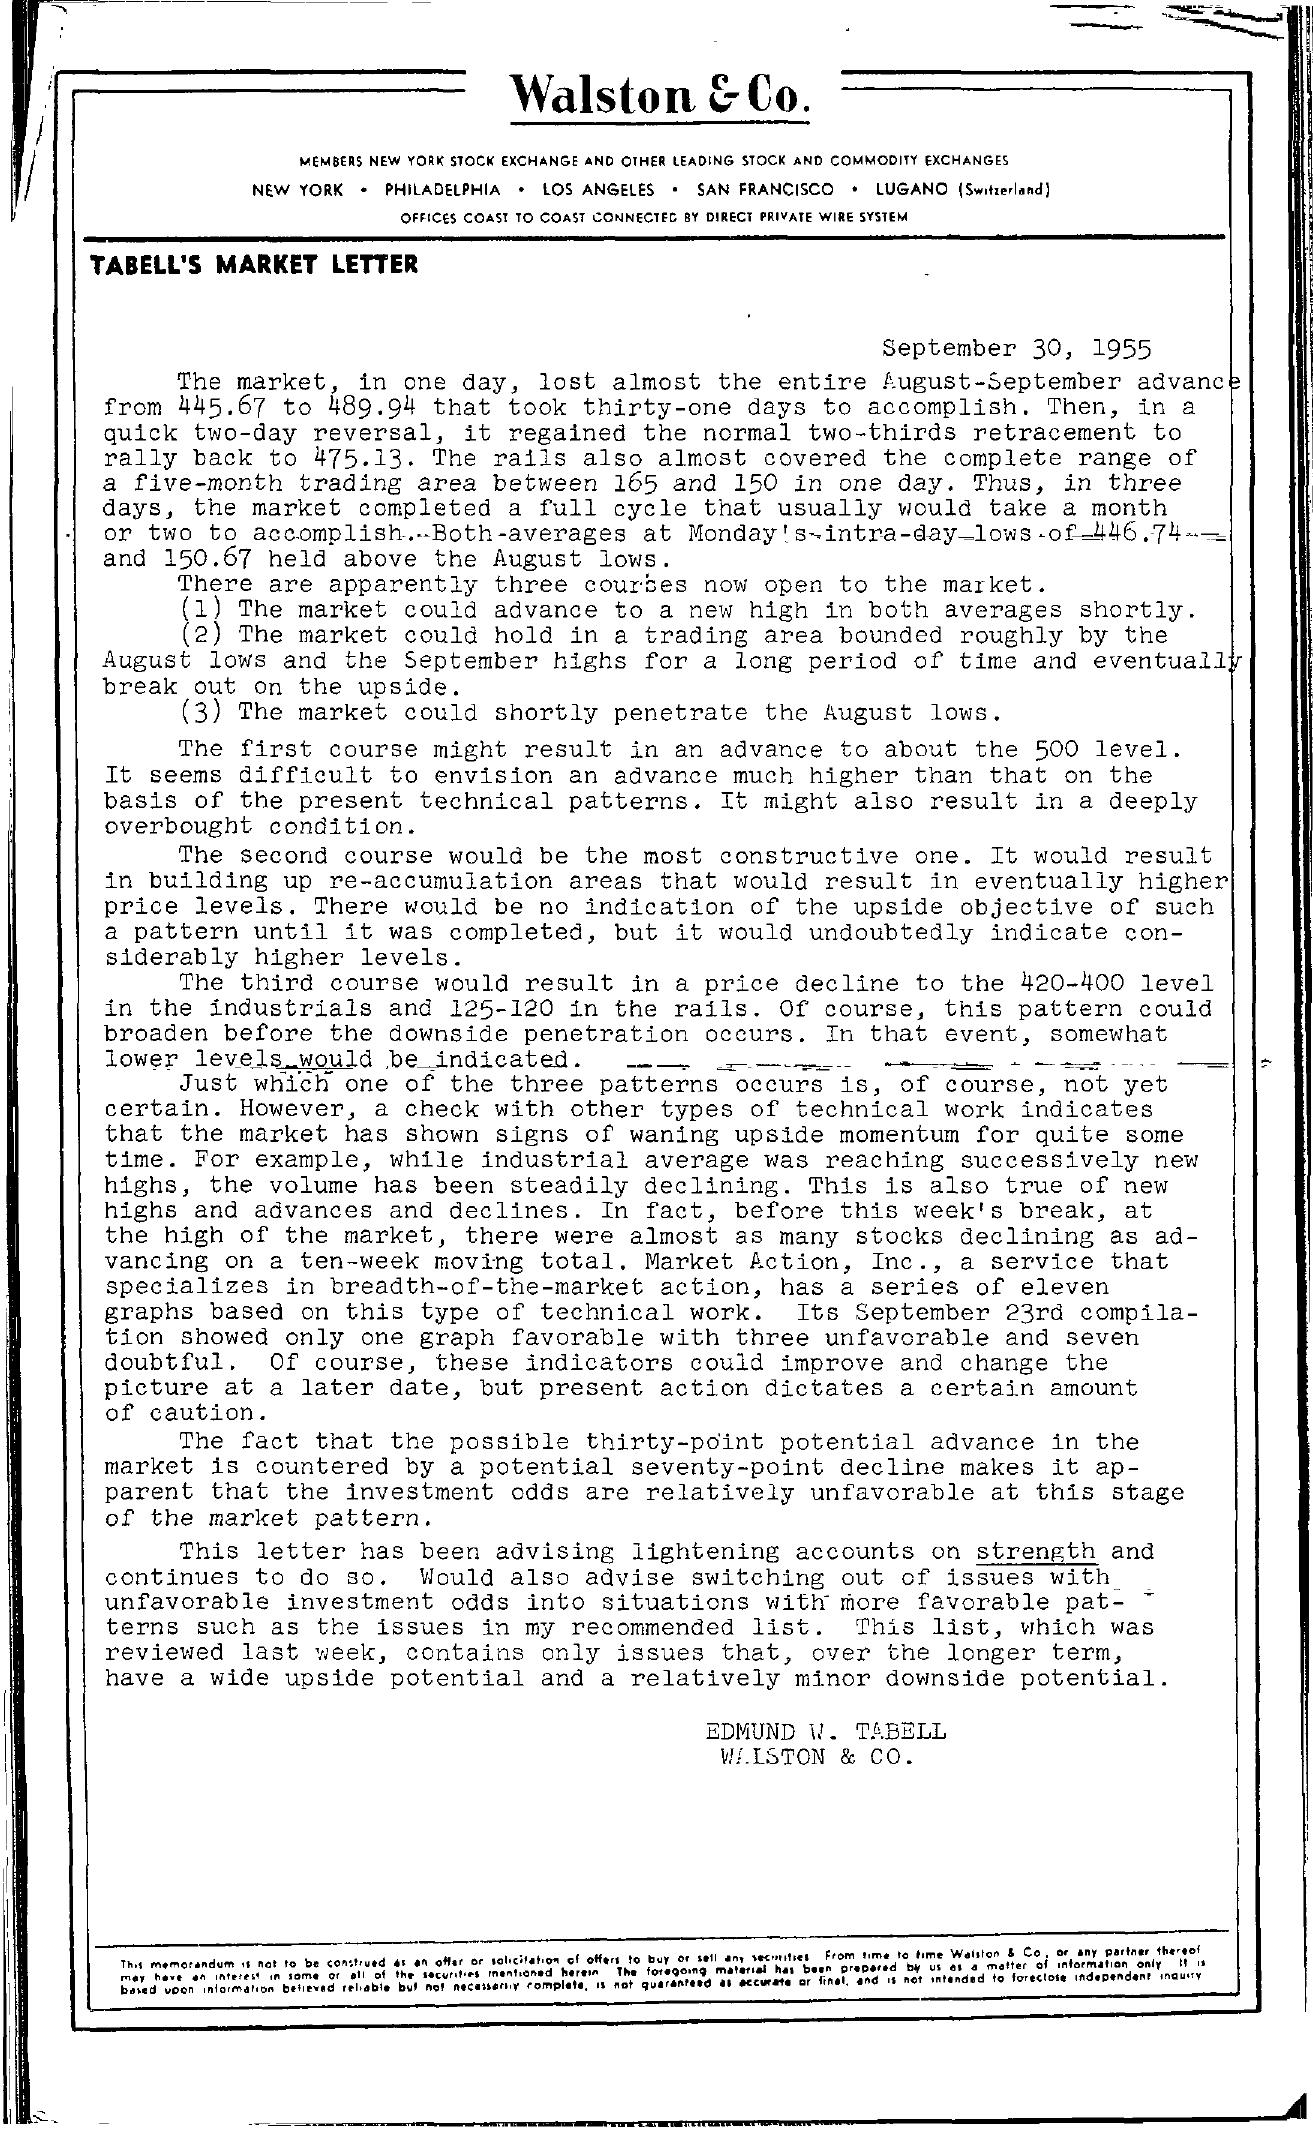 Tabell's Market Letter - September 30, 1955